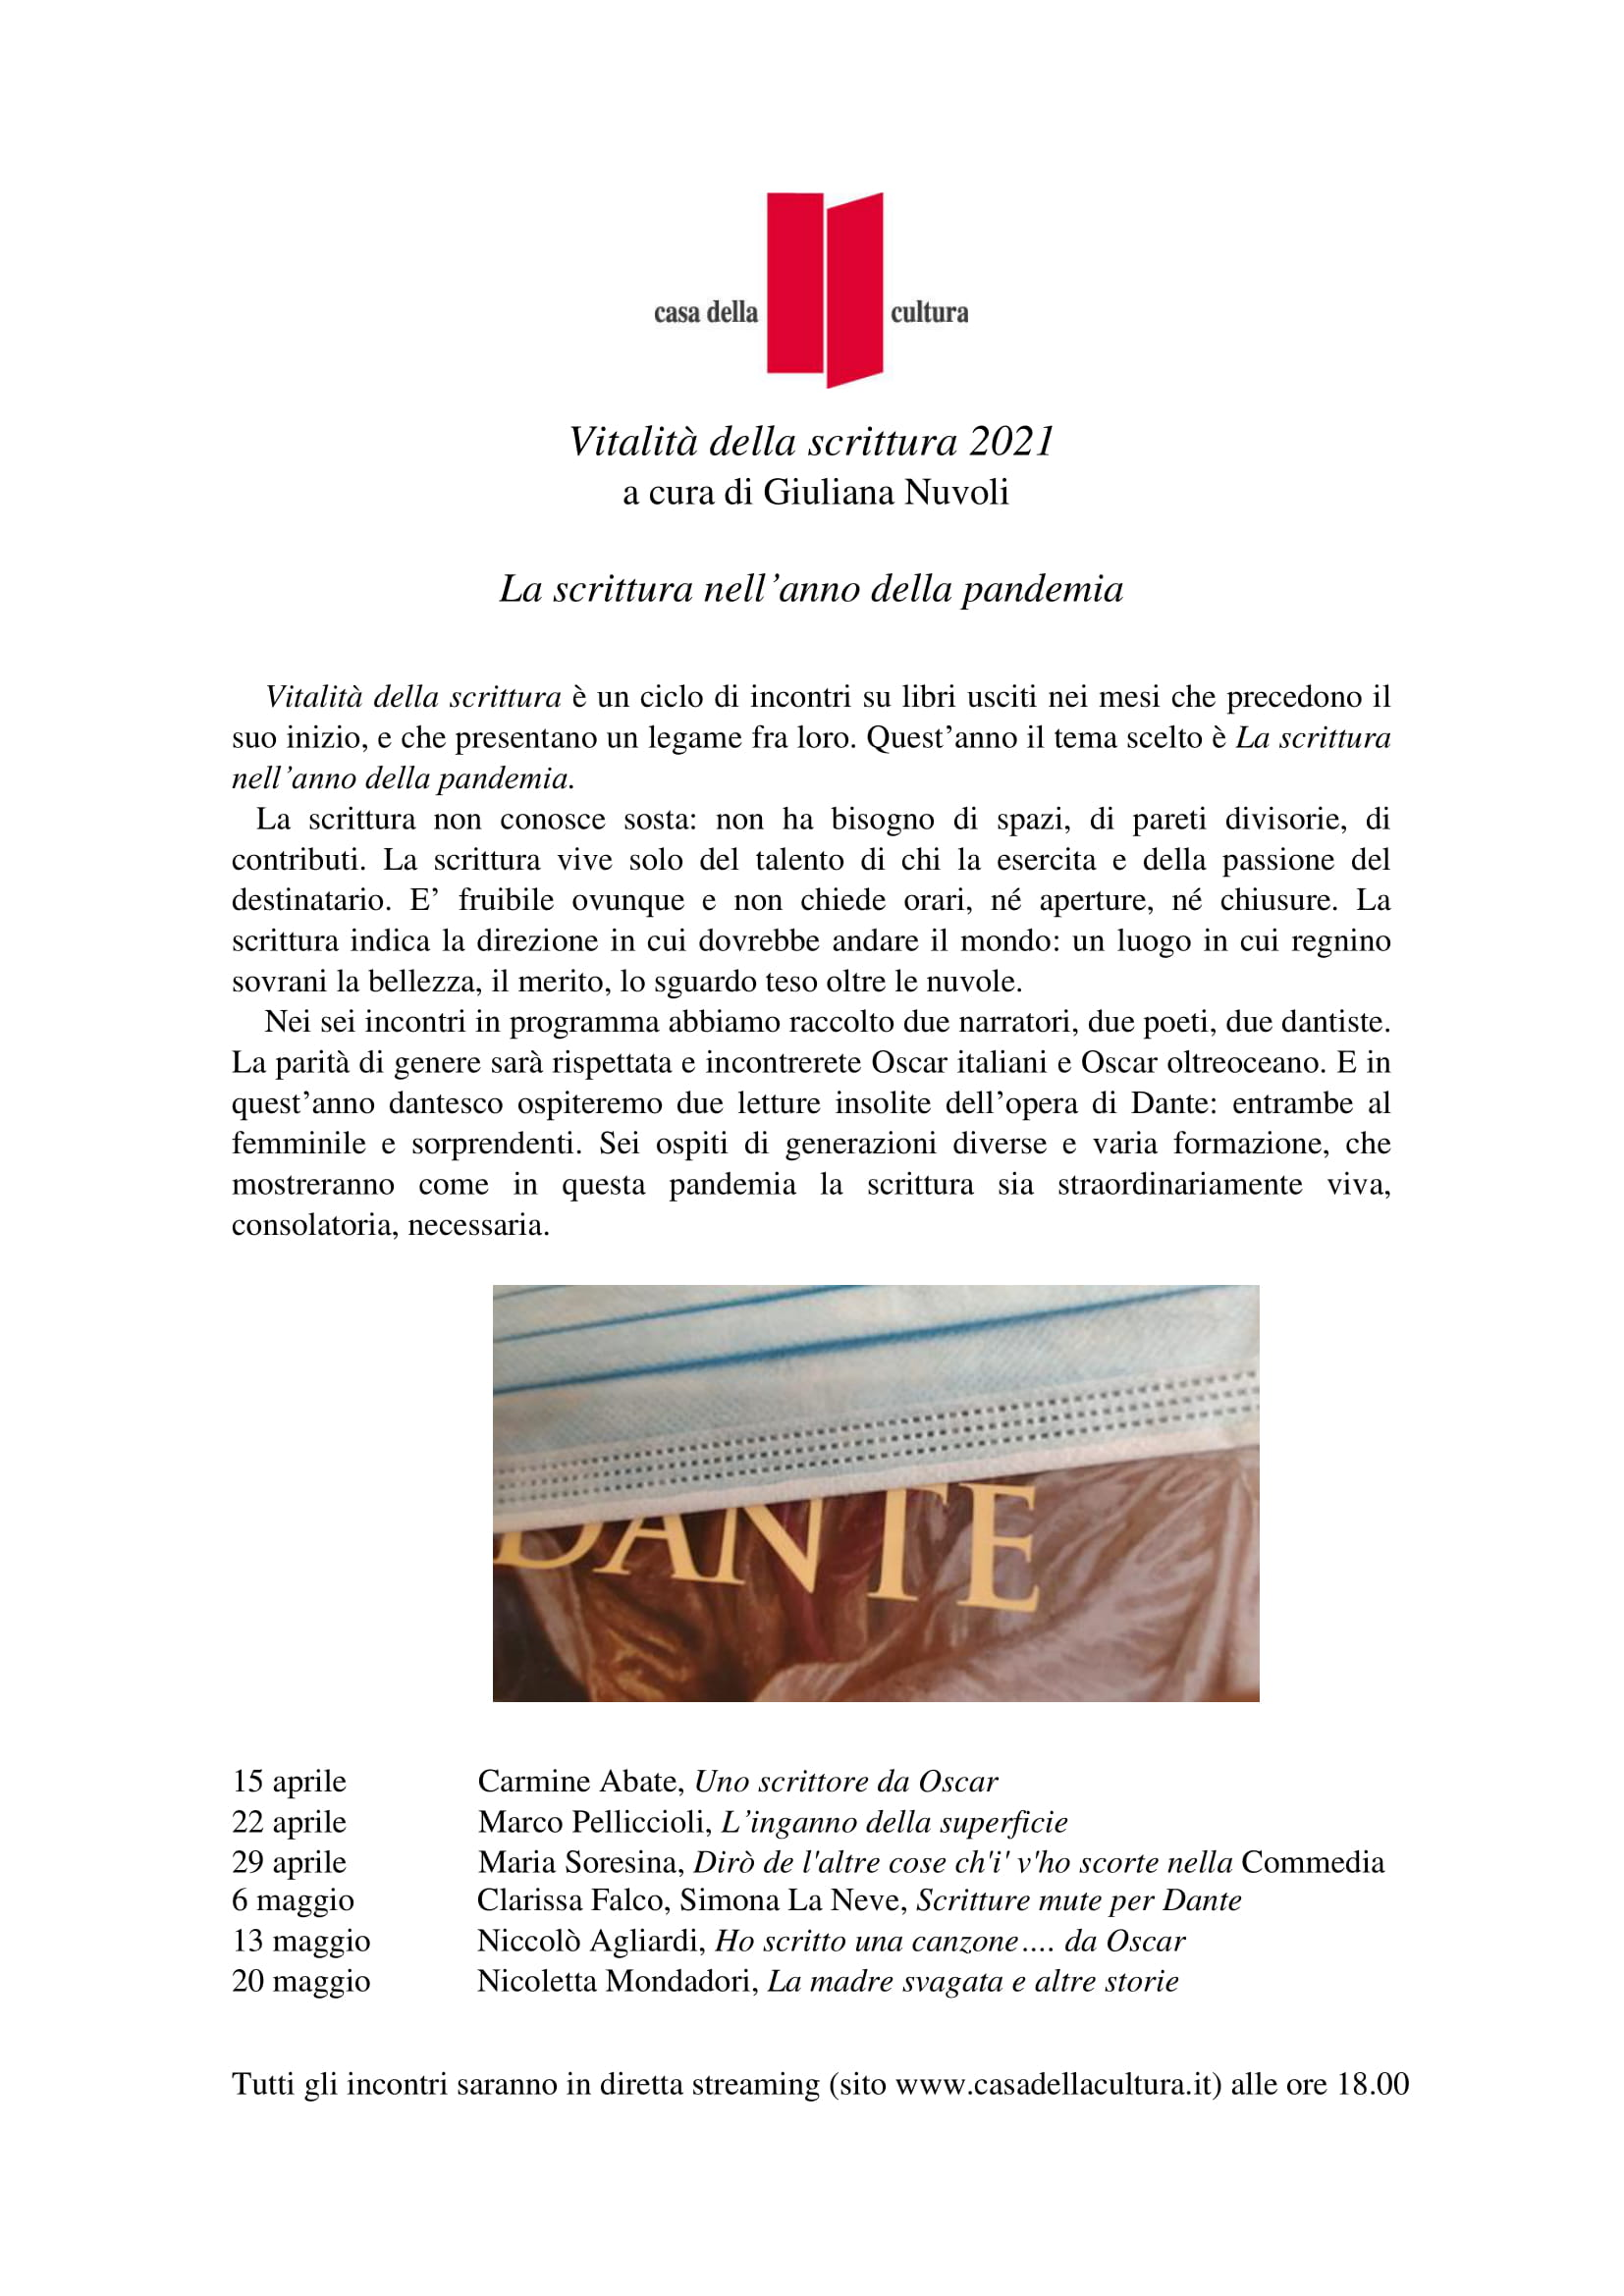 """Giuliana Nuvoli, """"Vitalità della scrittura. La scrittura nell'anno della pandemia"""", Casa della Cultura, 15 aprile – 20 maggio 2021, ore 18, in diretta streaming www.casadellacultura.it"""